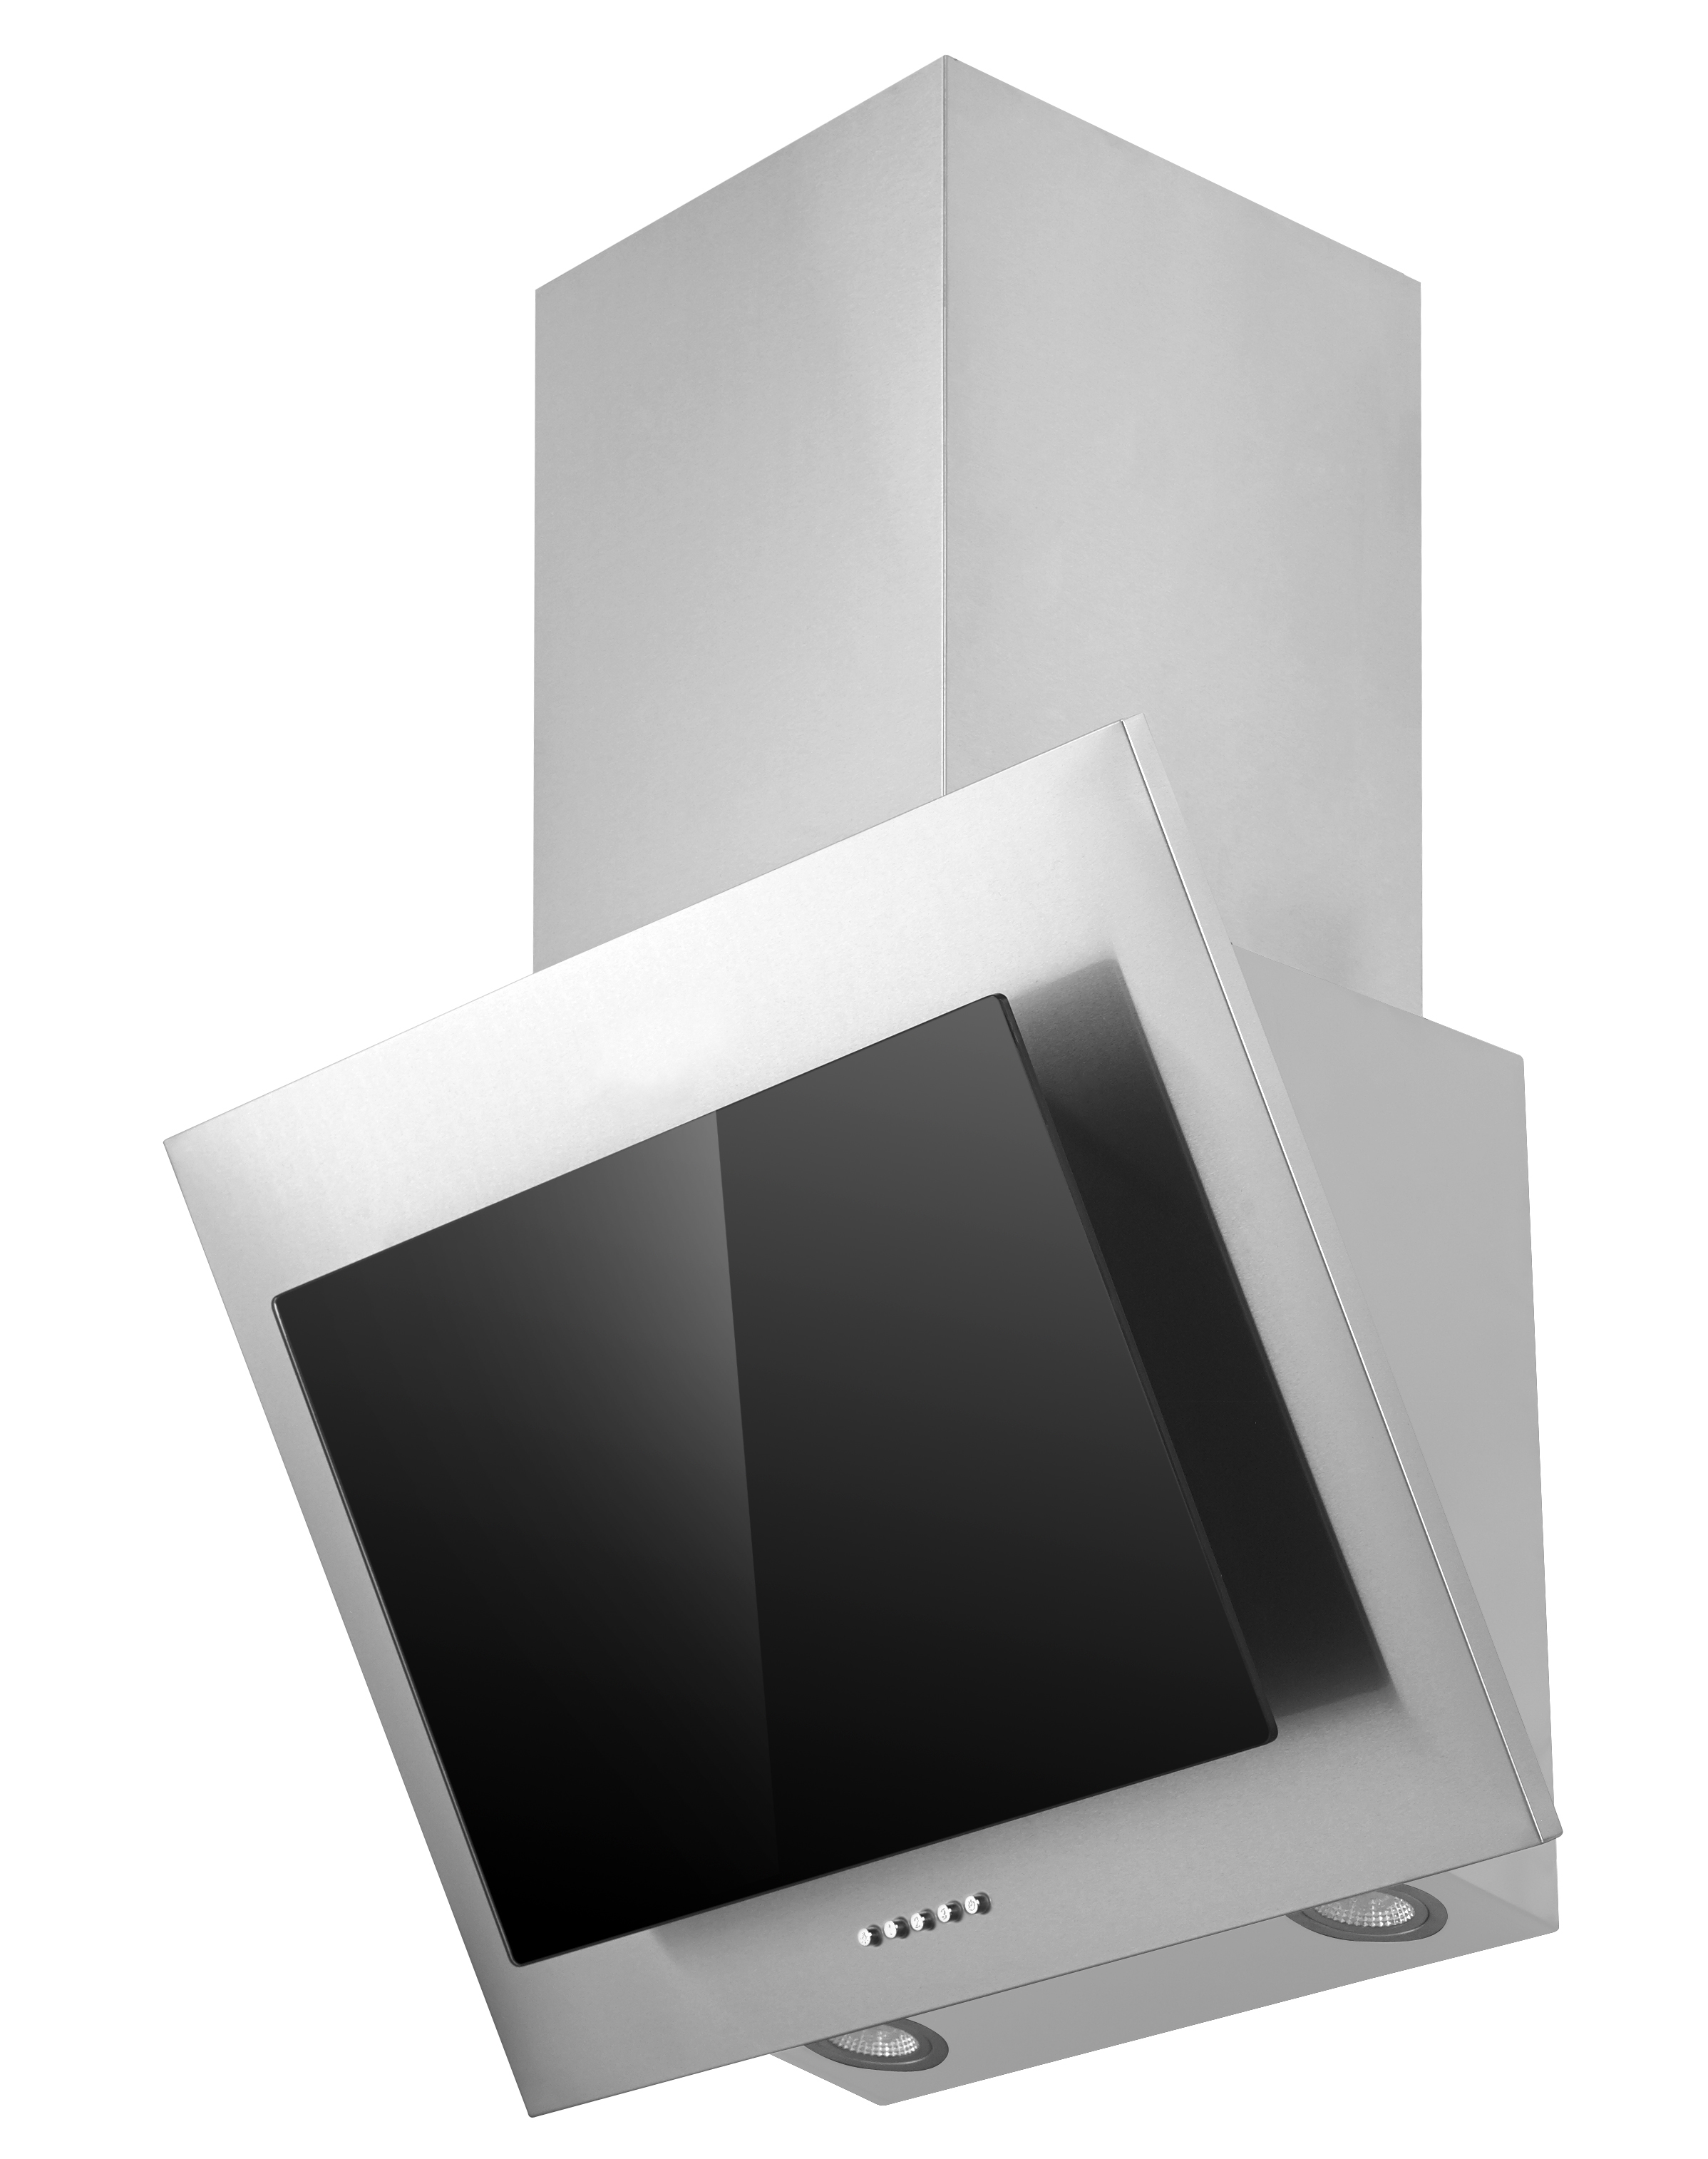 respekta dunstabzugshaube schr ghaube kopffrei edelstahl glas schwarz 60 cm led 4260458241240 ebay. Black Bedroom Furniture Sets. Home Design Ideas